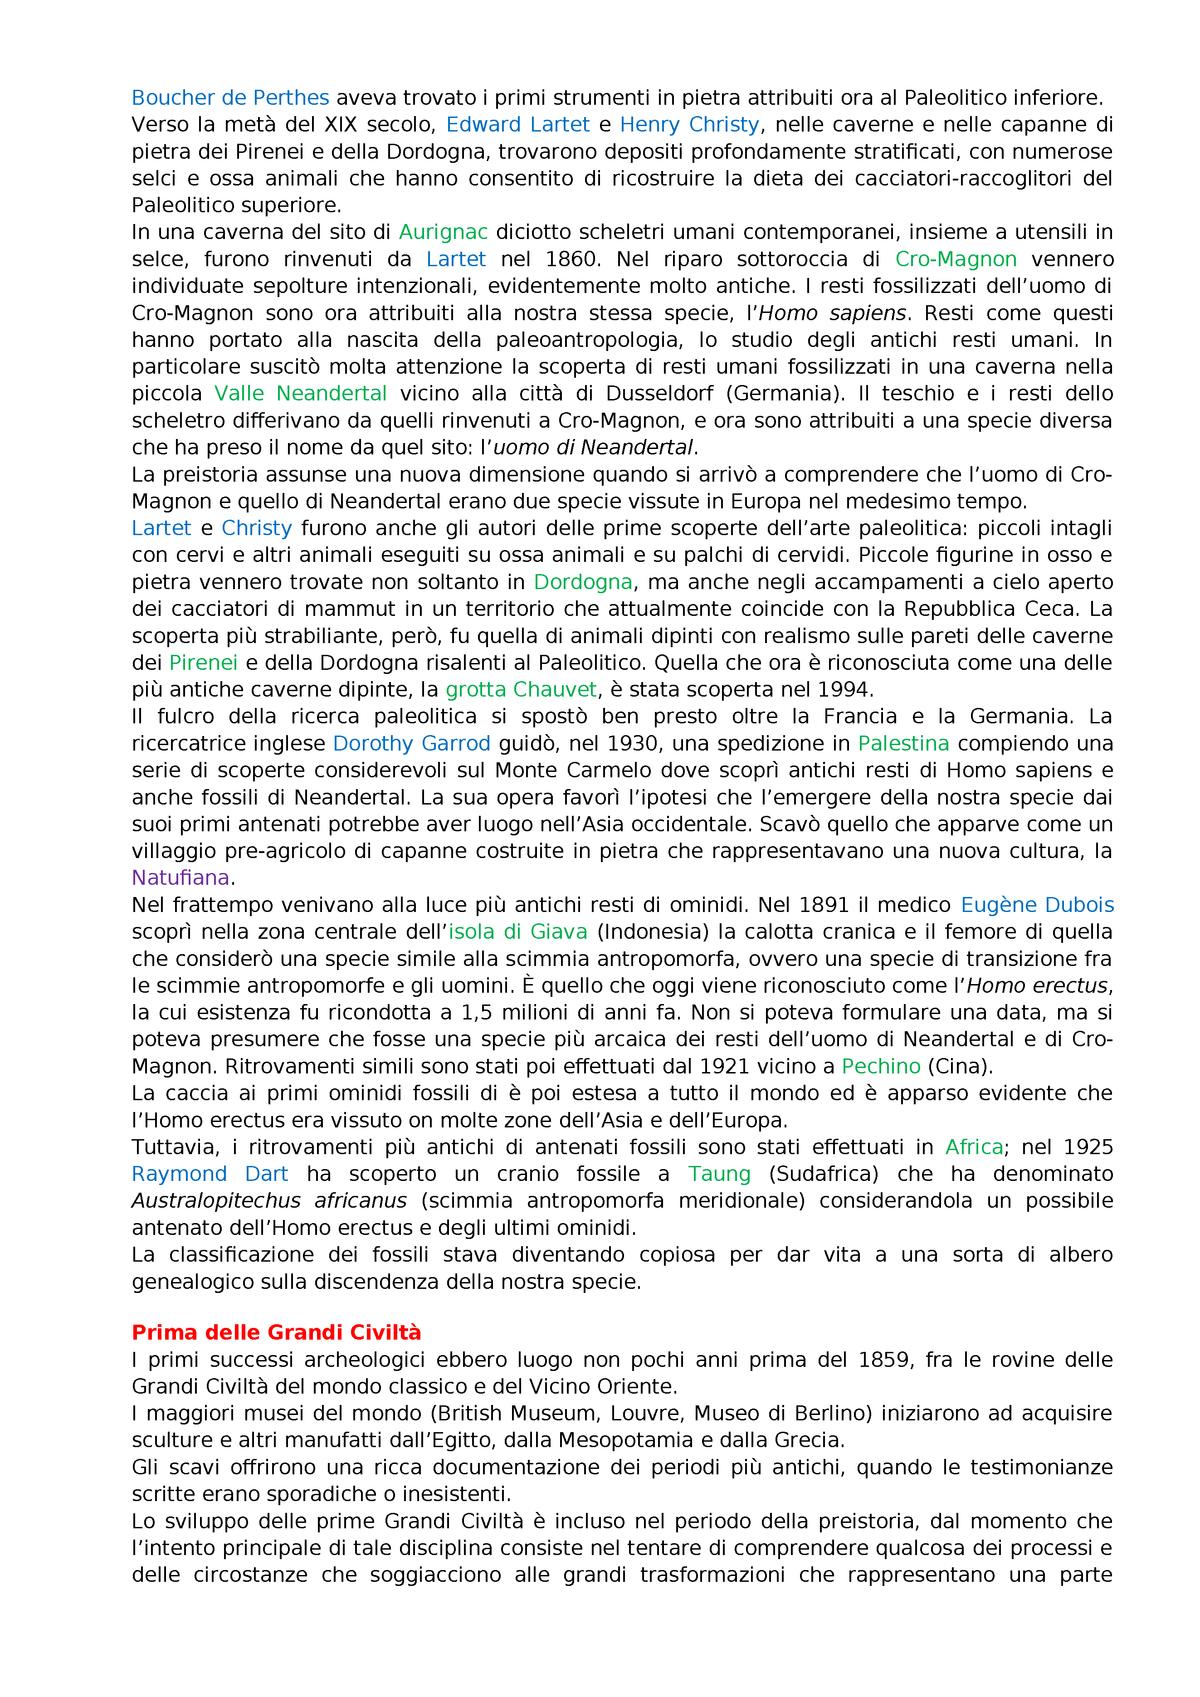 formula di datazione di carbonio spiegata